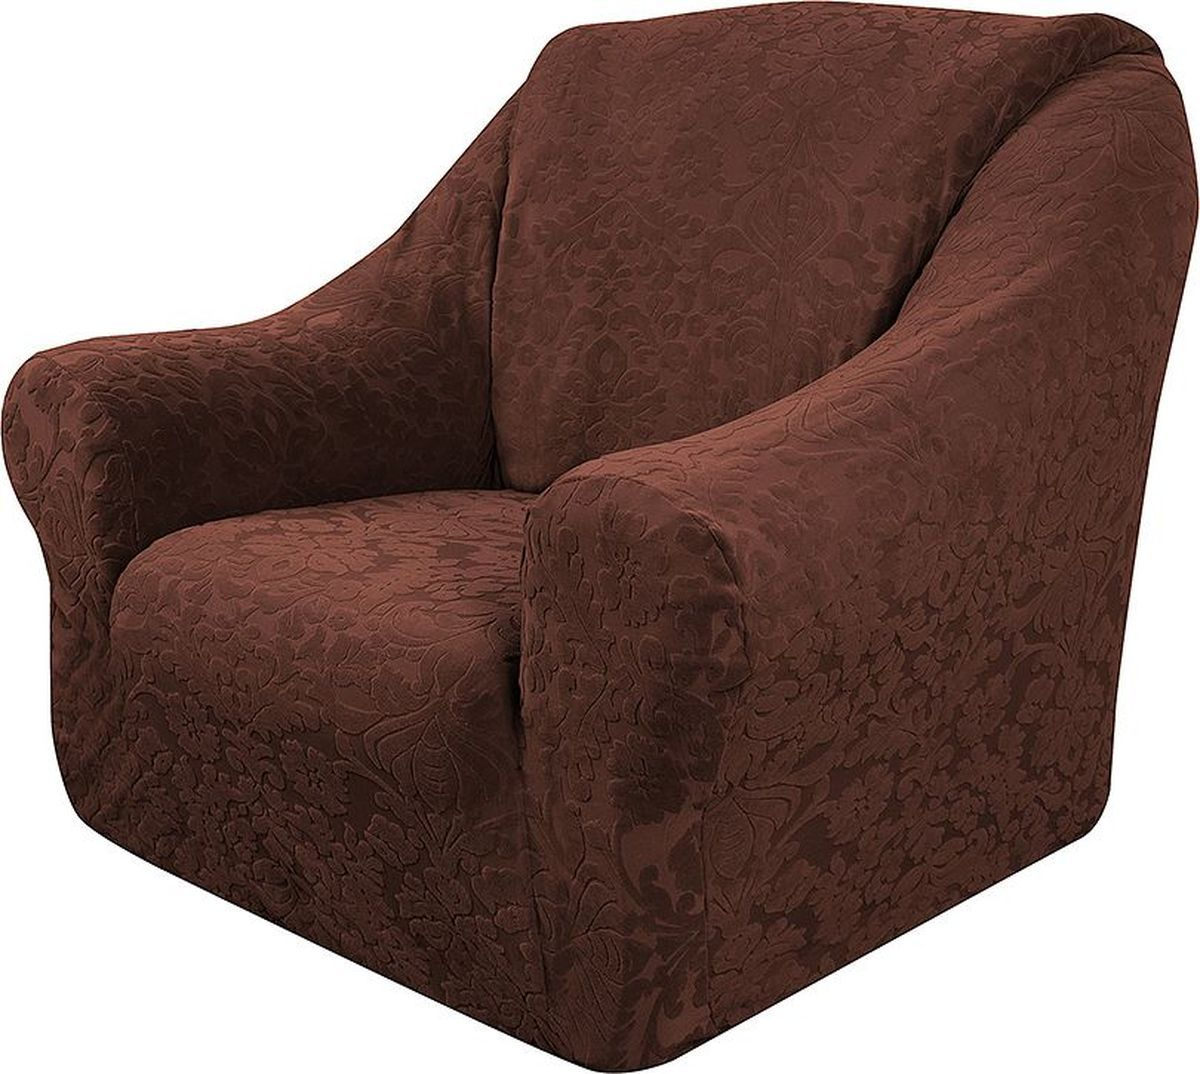 Чехол на кресло Медежда Челтон, цвет: шоколадный1401051111000Универсальный чехол на кресло Медежда Челтон изготовлен из стрейчевого жаккарда. Элегантный выпуклый рисунок прекрасно подходит к интерьеру, как в классическом, так и в современном стиле. Тактильное наслаждение, вызываемое тканью, сочетается с эластичностью. Чехол позволяет красиво облегать формы мебели и выглядеть как дорогая обивка, выполненная на заказ.Чехол легко растягивается, хорошо принимает форму кресла и подходит для стандартных кресел с шириной спинки от 80 см до 110 см и высотой не более 95 см. За счет специальных фиксаторов чехол прочно держится на мебели, не съезжает и не соскальзывает.